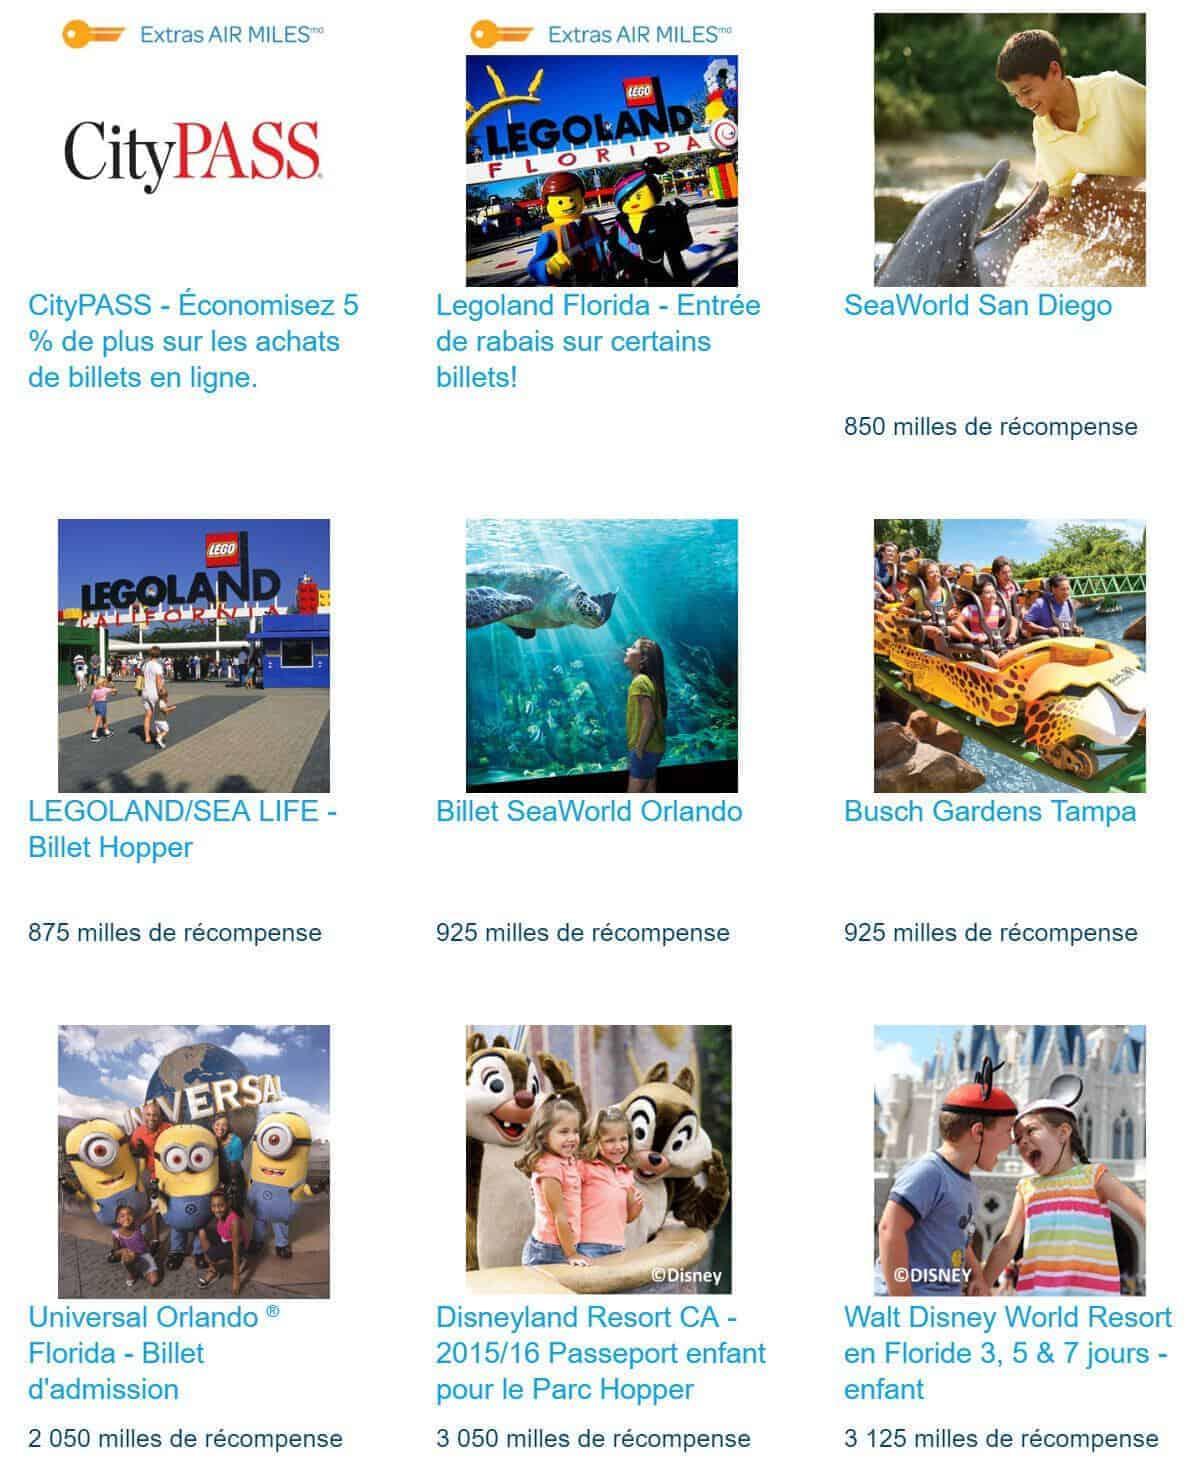 Les attractions aux États-Unis sur le compte Rêves AIR MILES